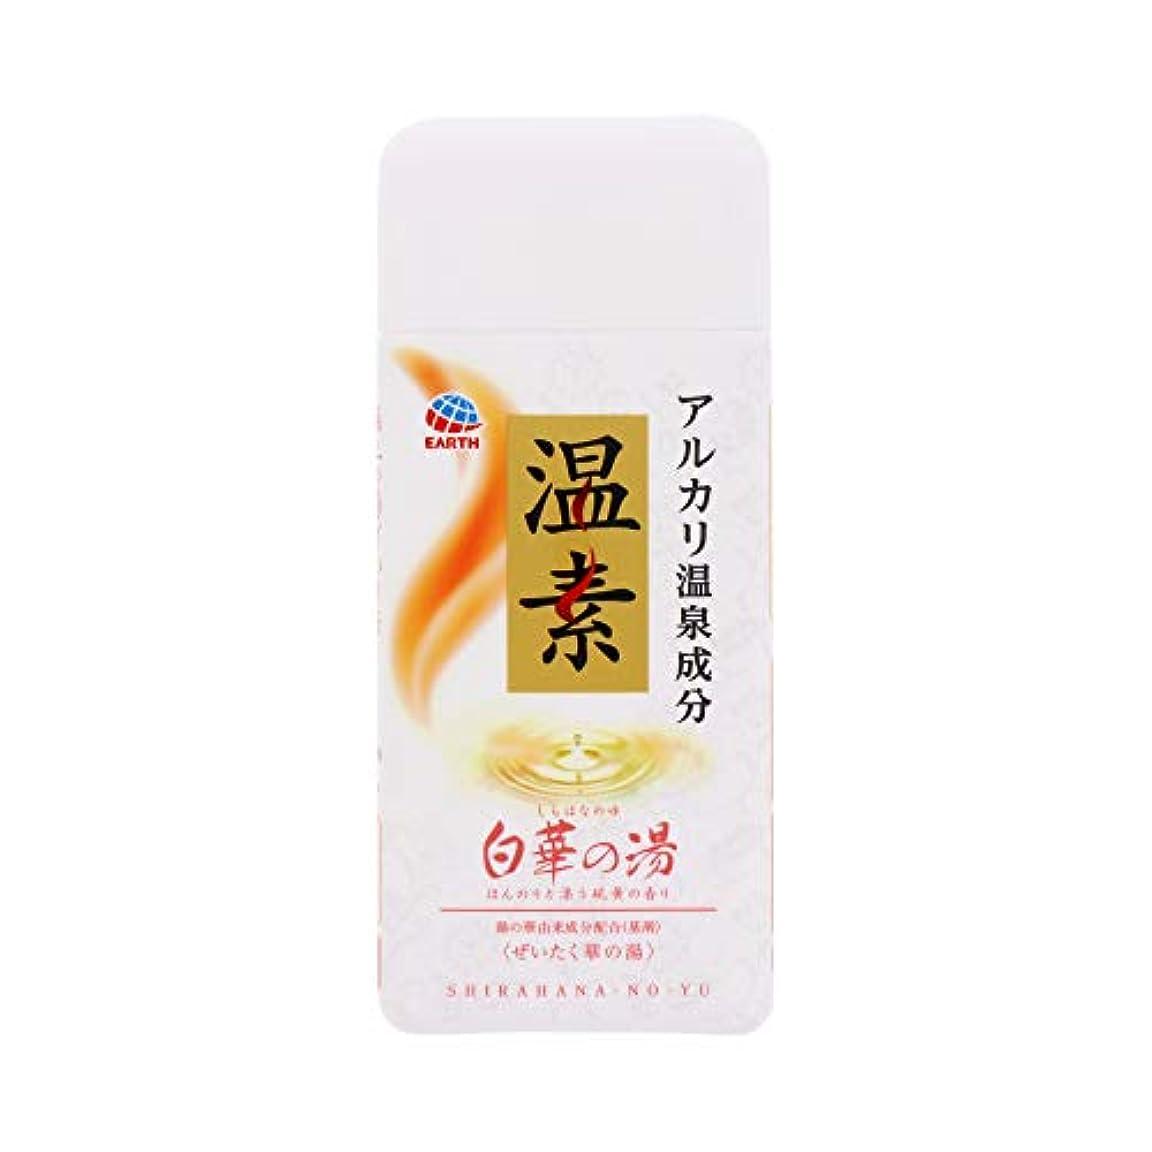 バーマド臨検ジャンプする【医薬部外品】温素 入浴剤 白華の湯 [600g]